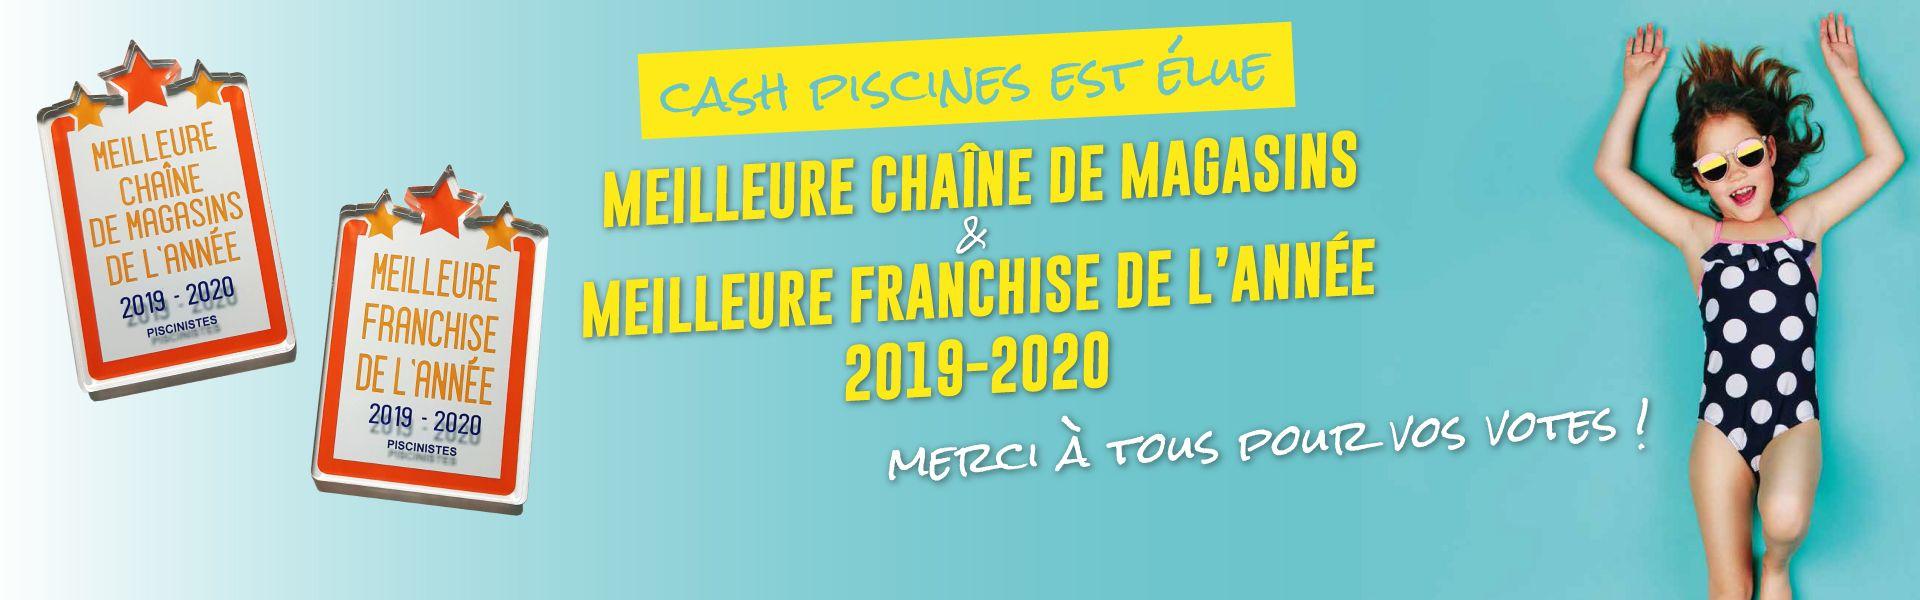 Cash Piscines - Tout Pour La Piscine & Spas Gonflables ... encequiconcerne Piscine Discount Firminy